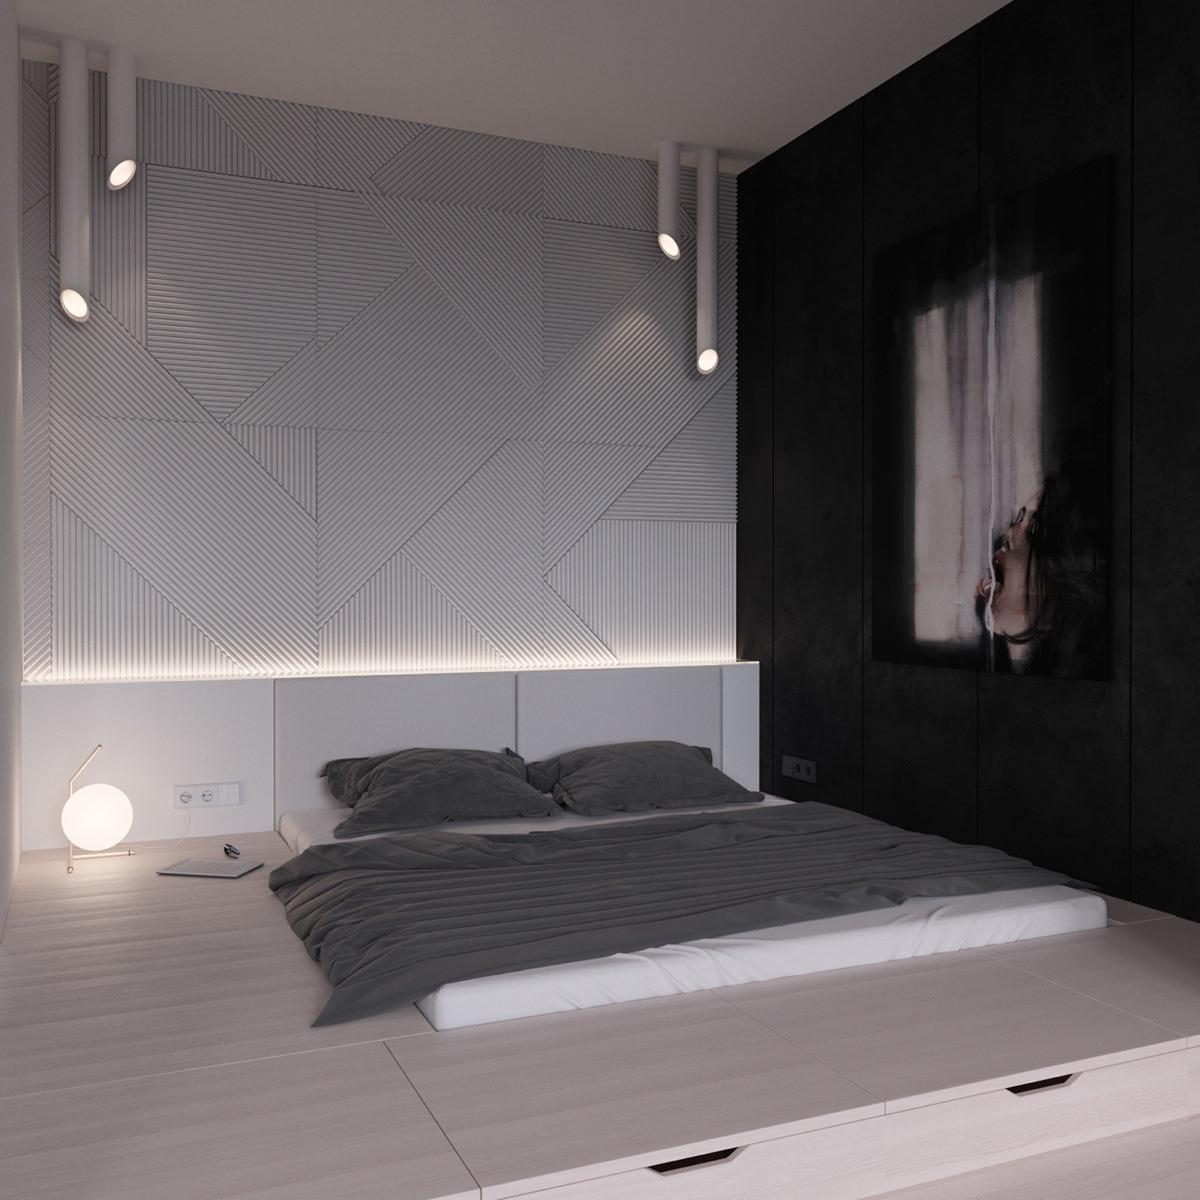 Décoration Chambre A Coucher Moderne Noir Et Blanc 9